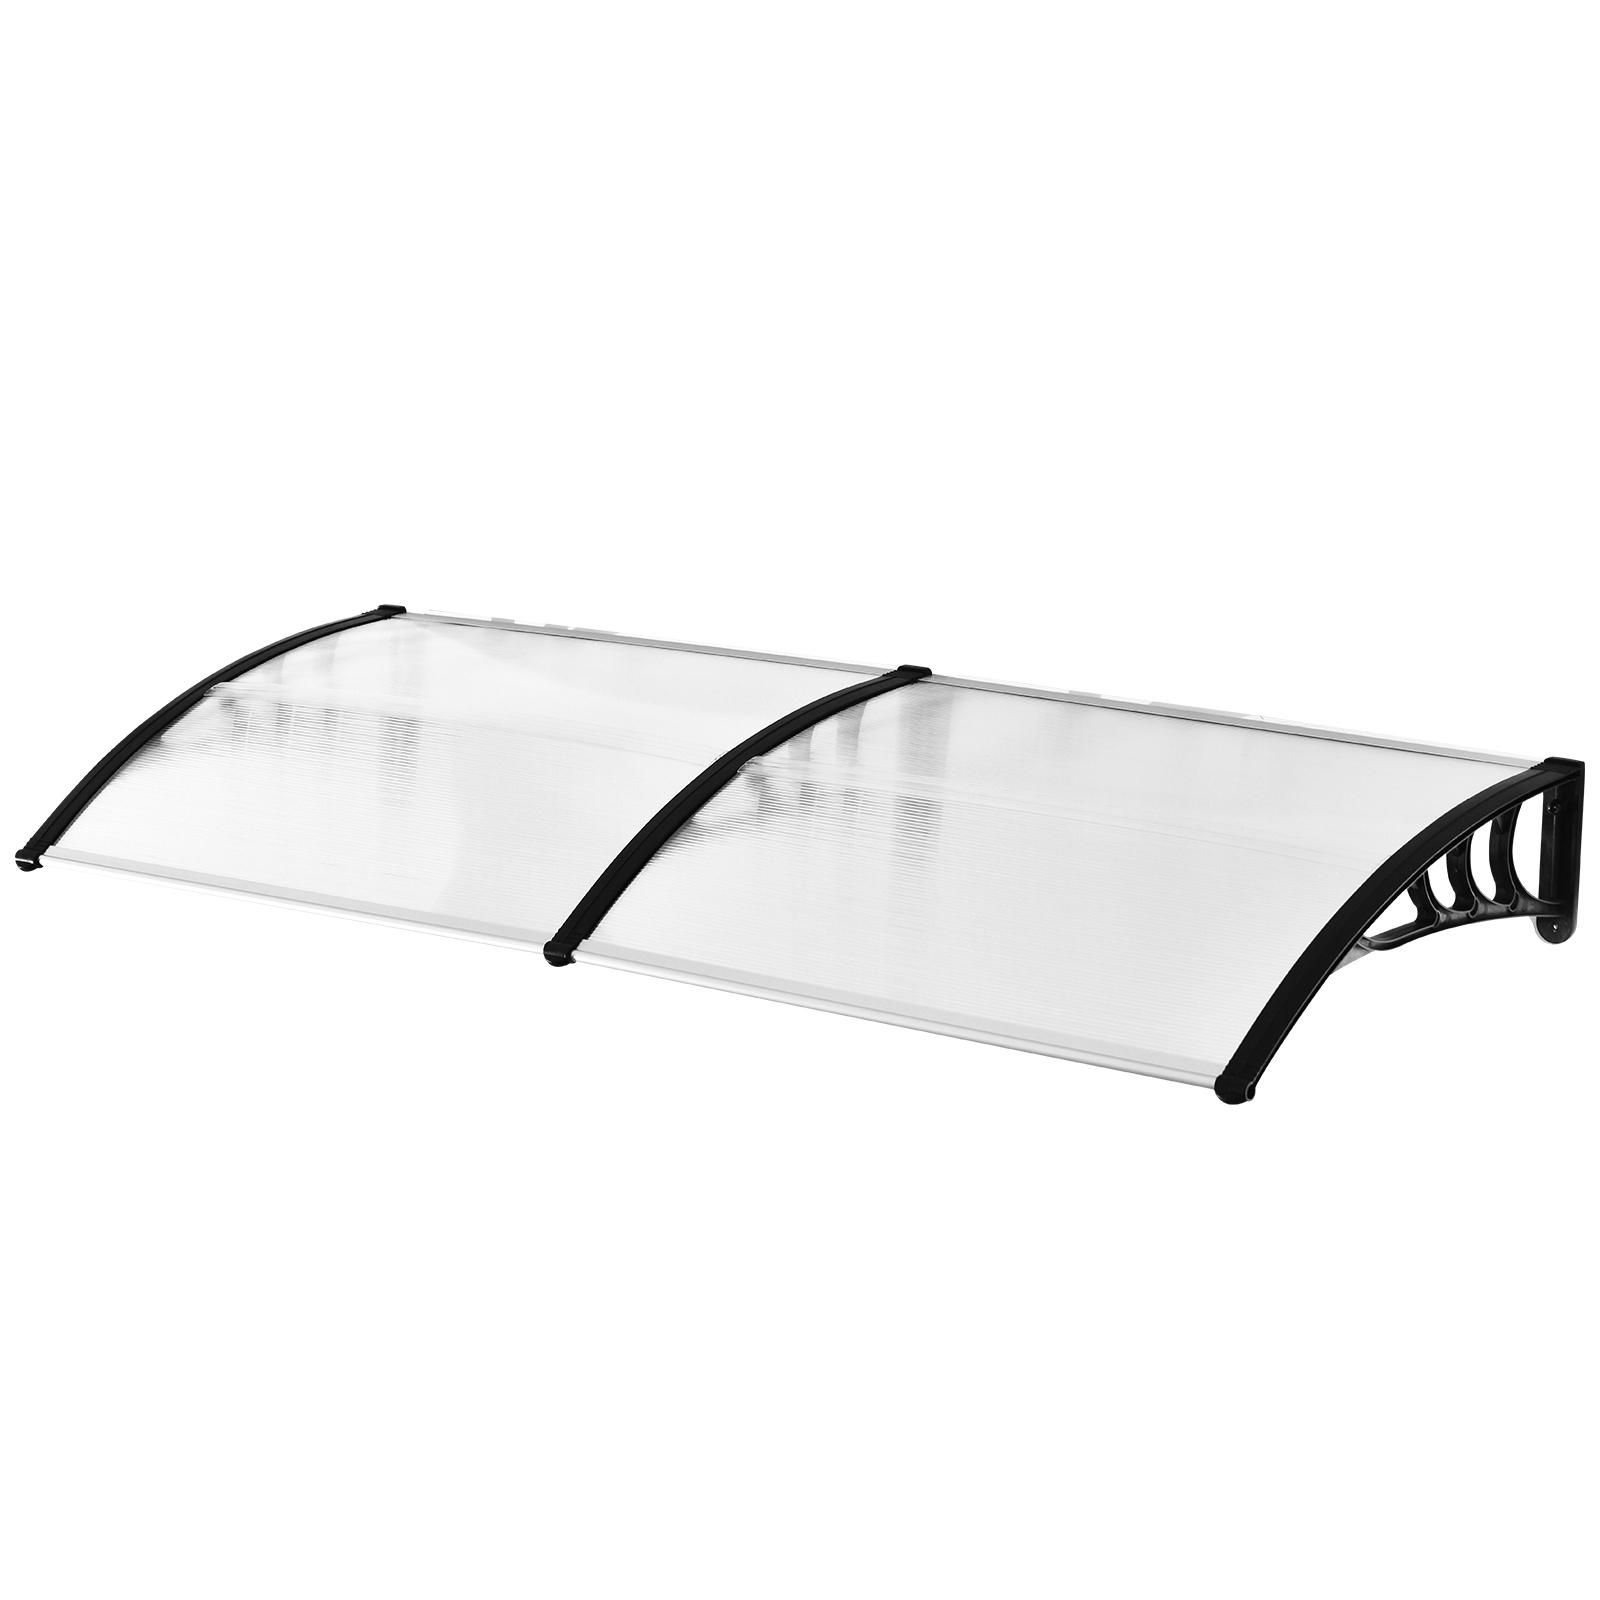 Outsunny Pensilina Tettoia per Porta o Finestra Impermeabile Anti UV in Policarbonato 80 x 197 x 23 cm